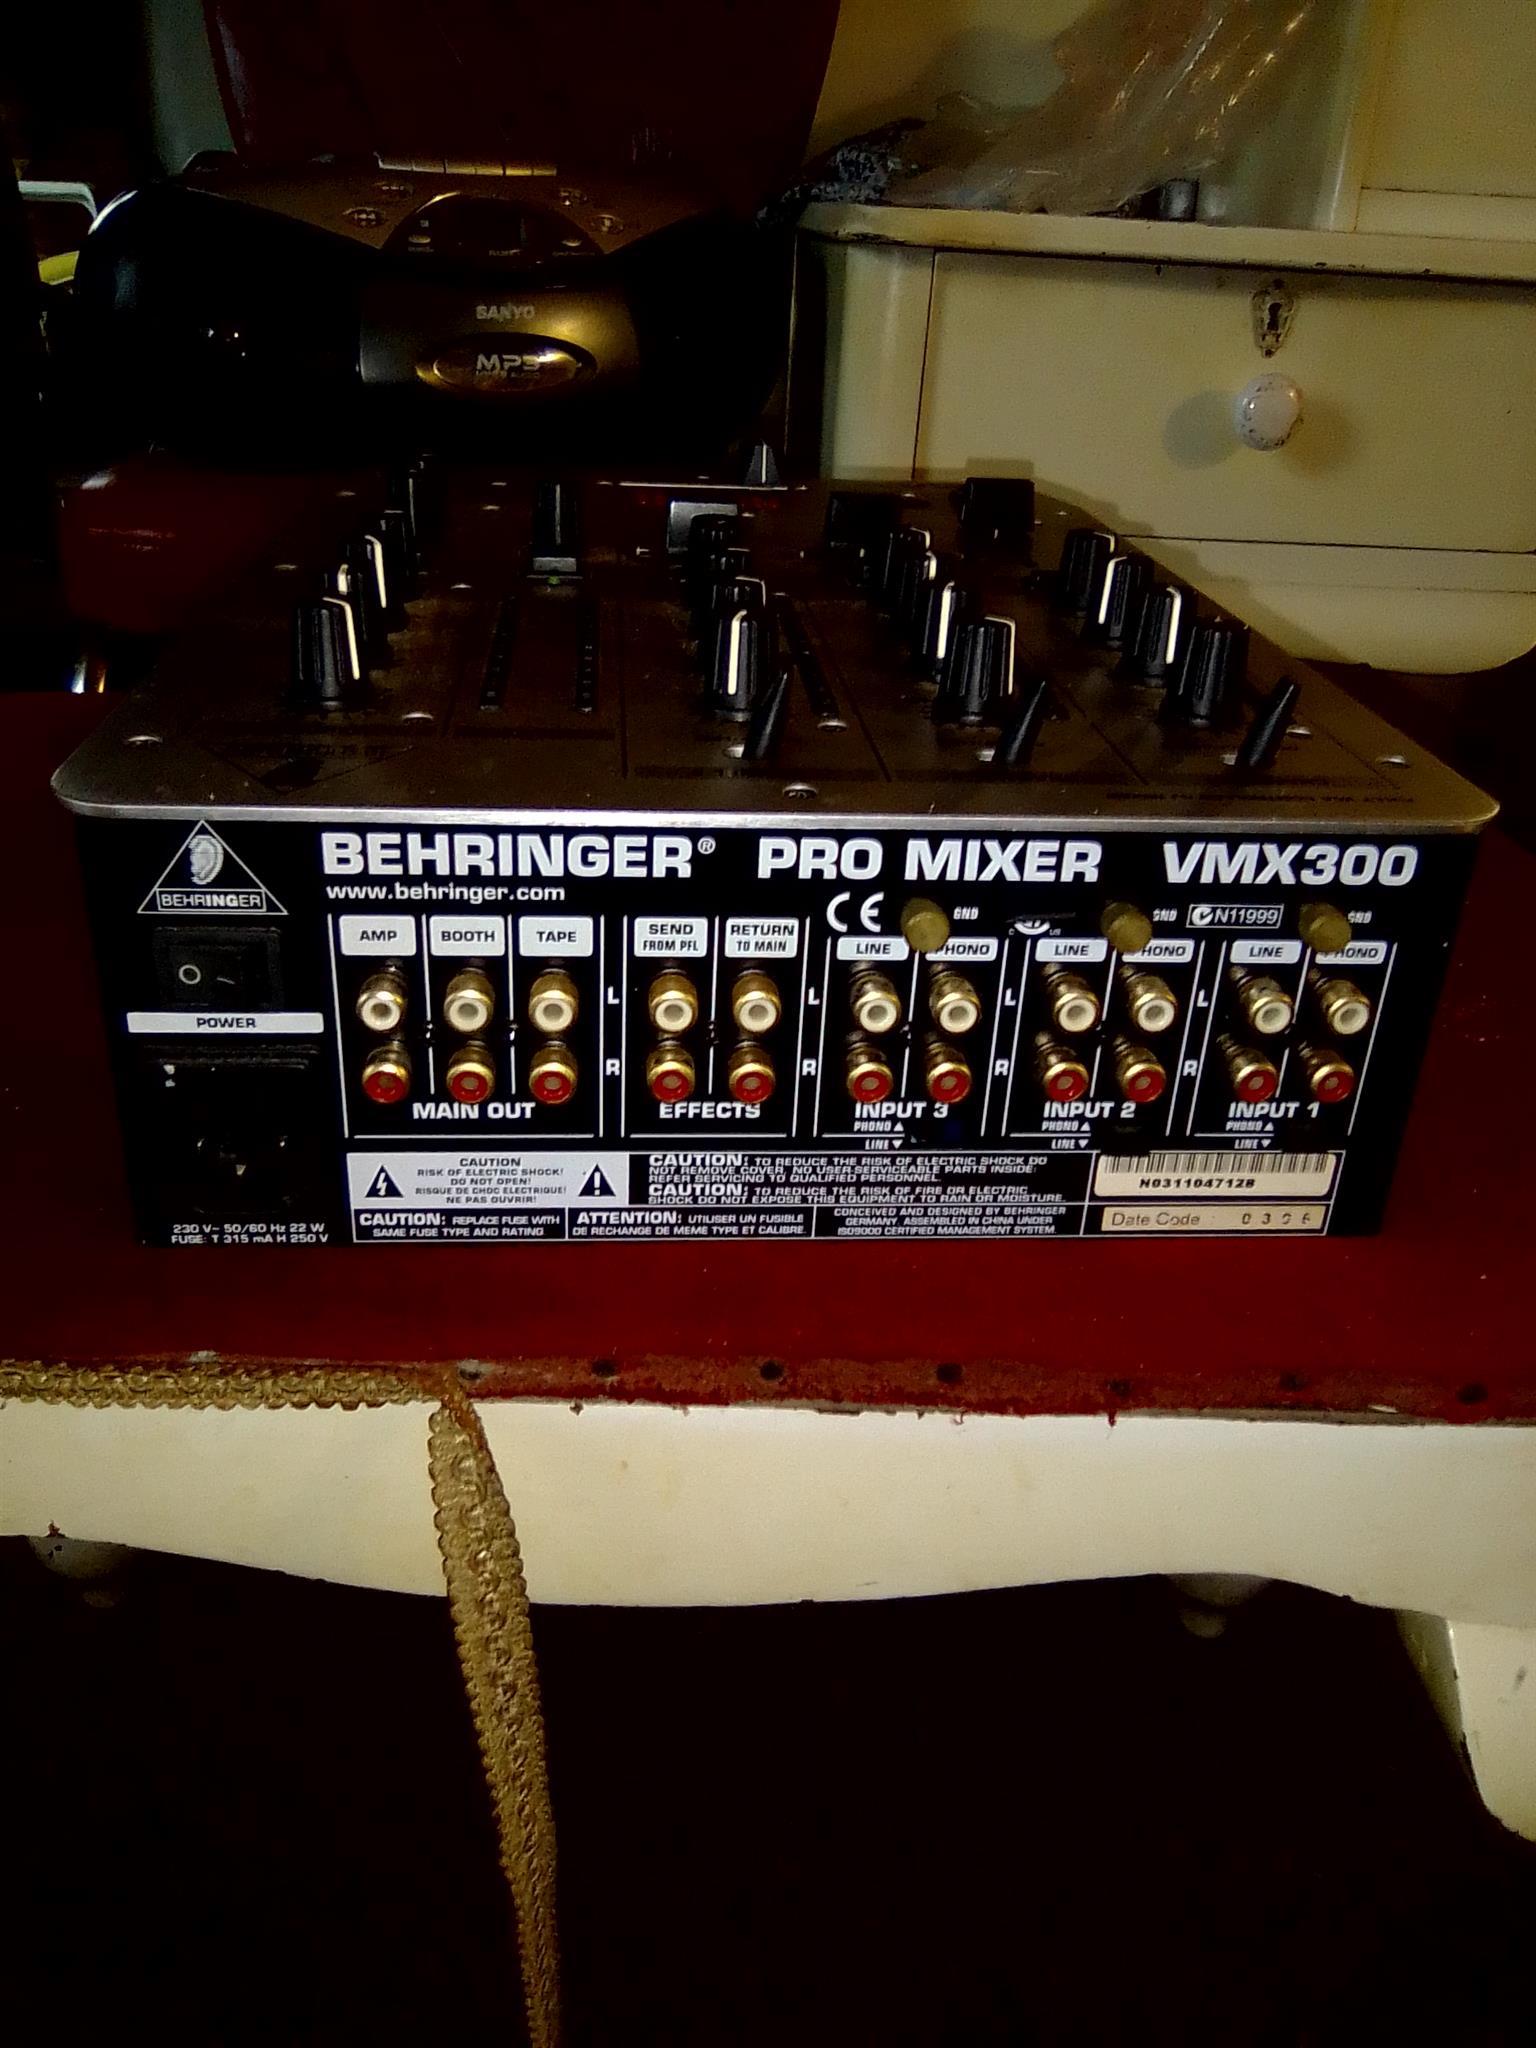 Pro mixer vmx300